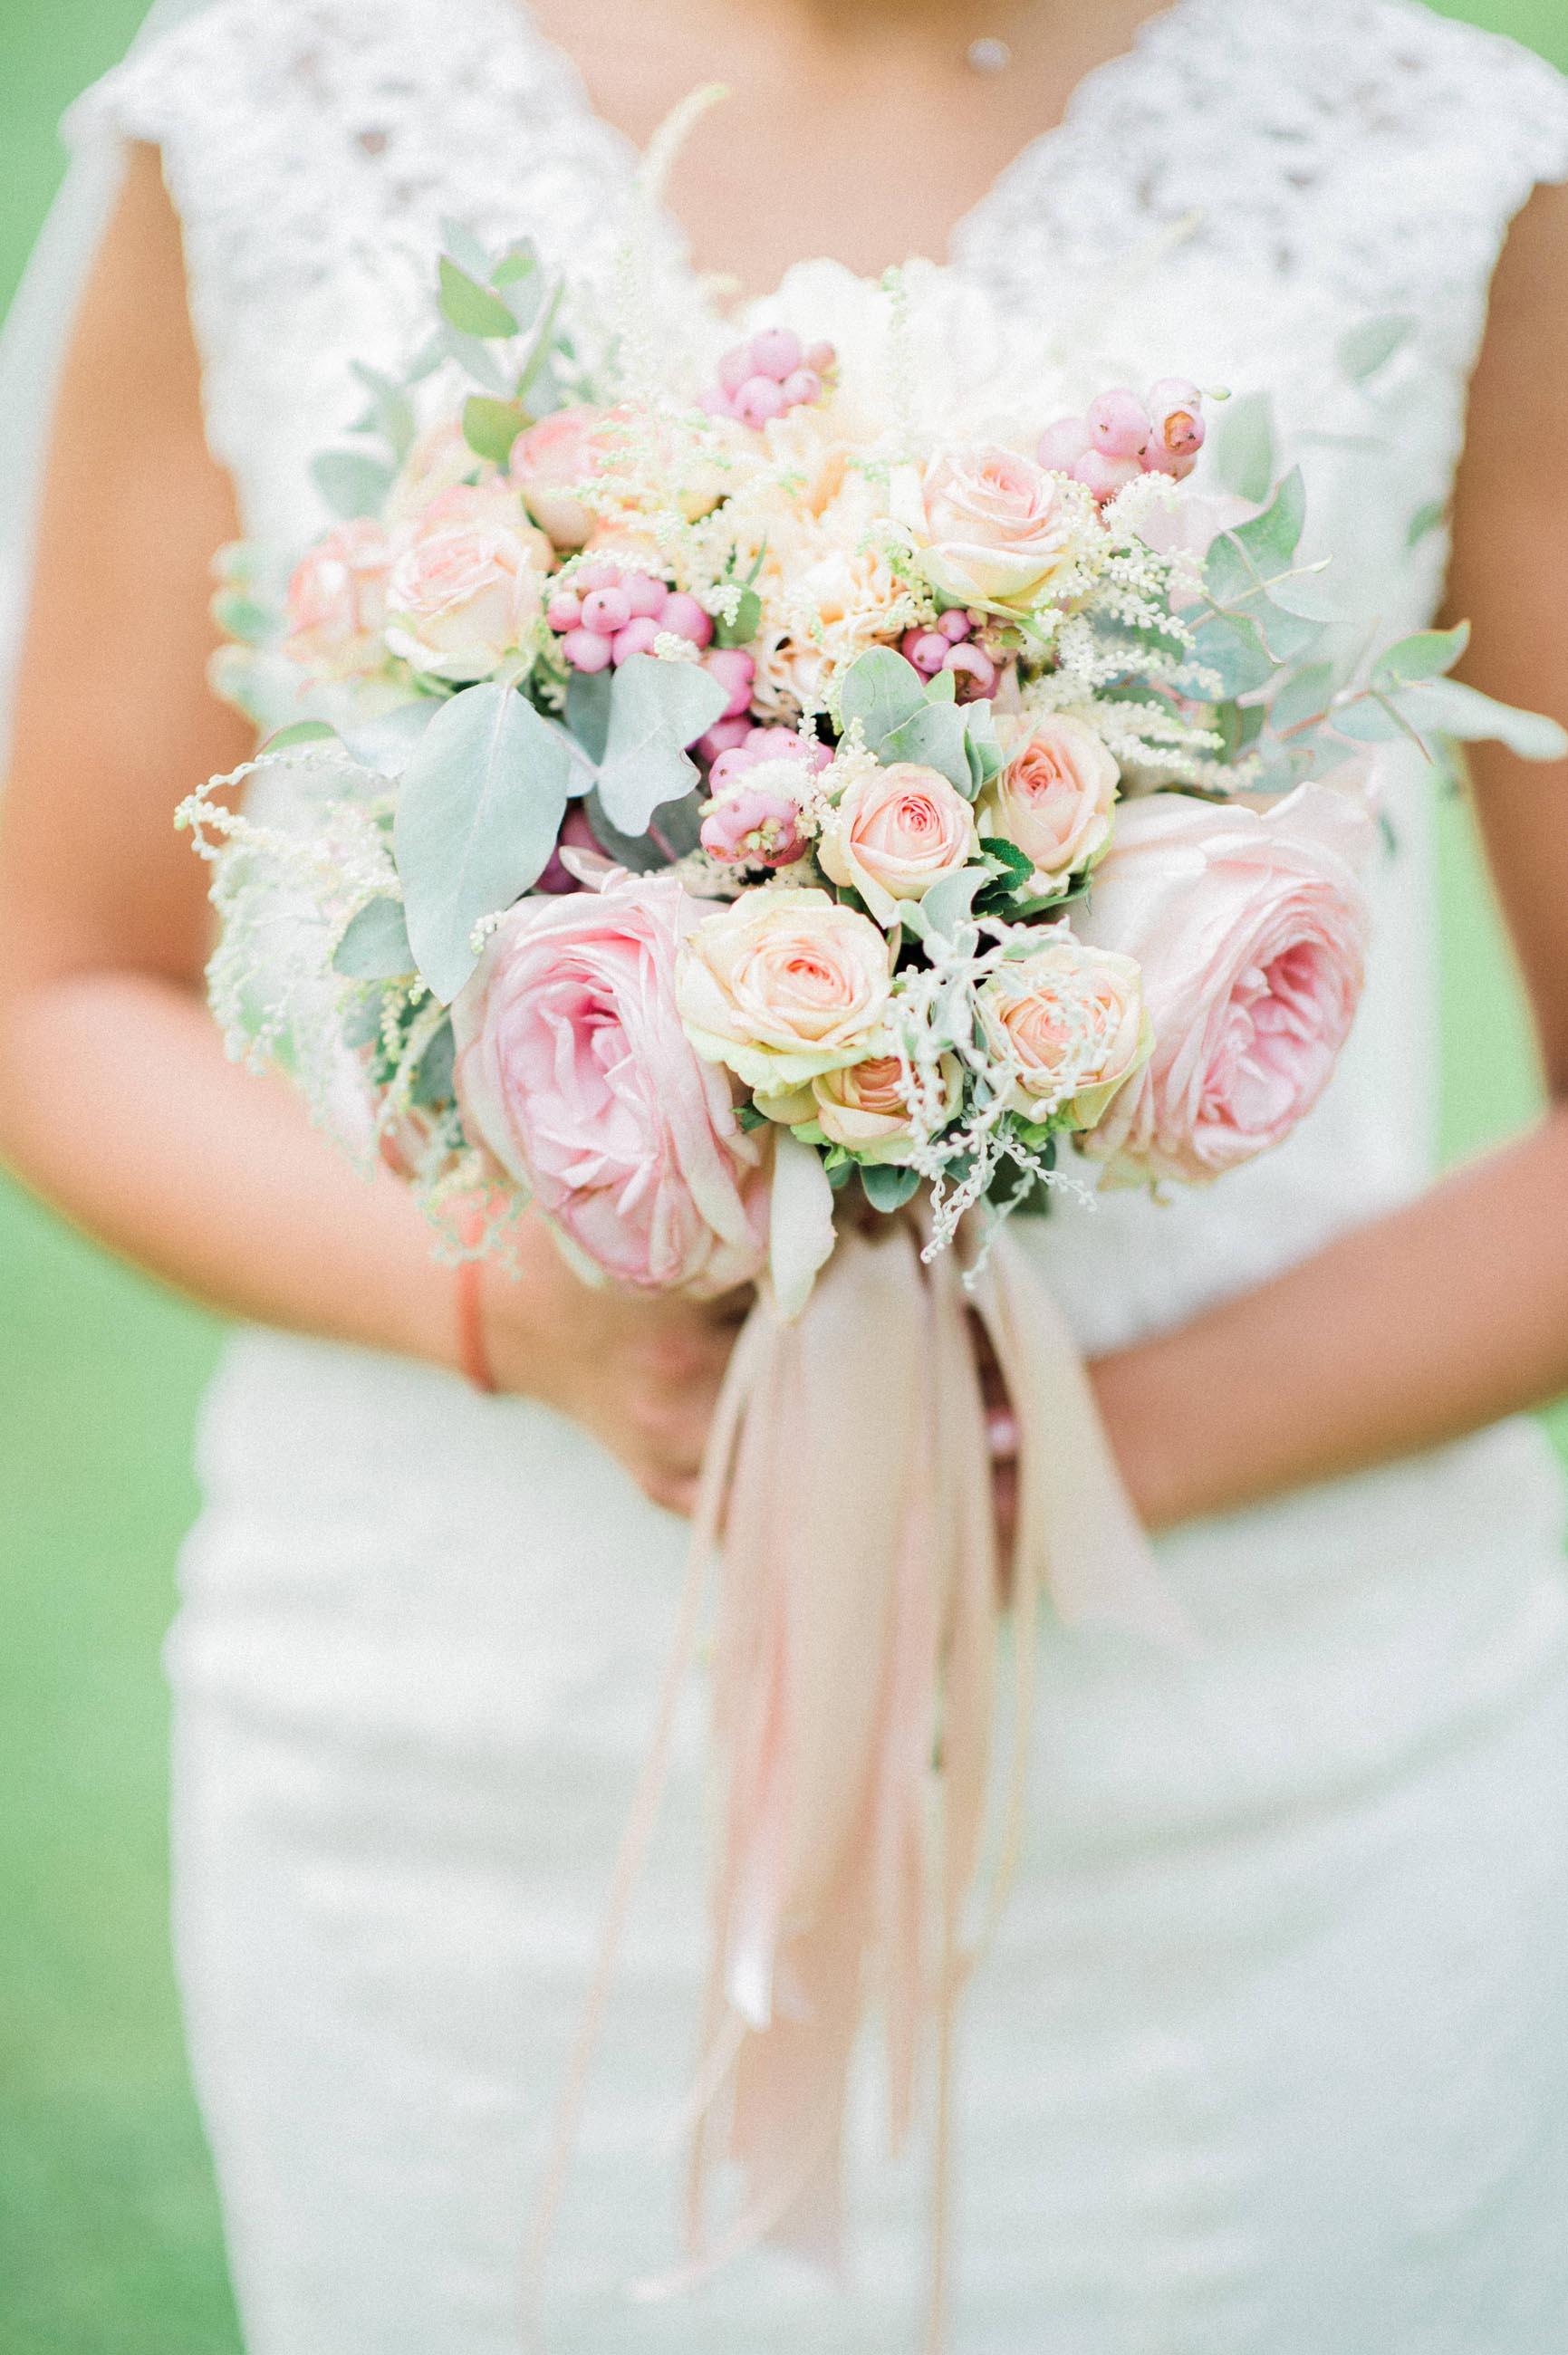 Mariage Emilienne & Jordan mariage fleuriste décoration floral scénographe paris vincennes reflets fleurs